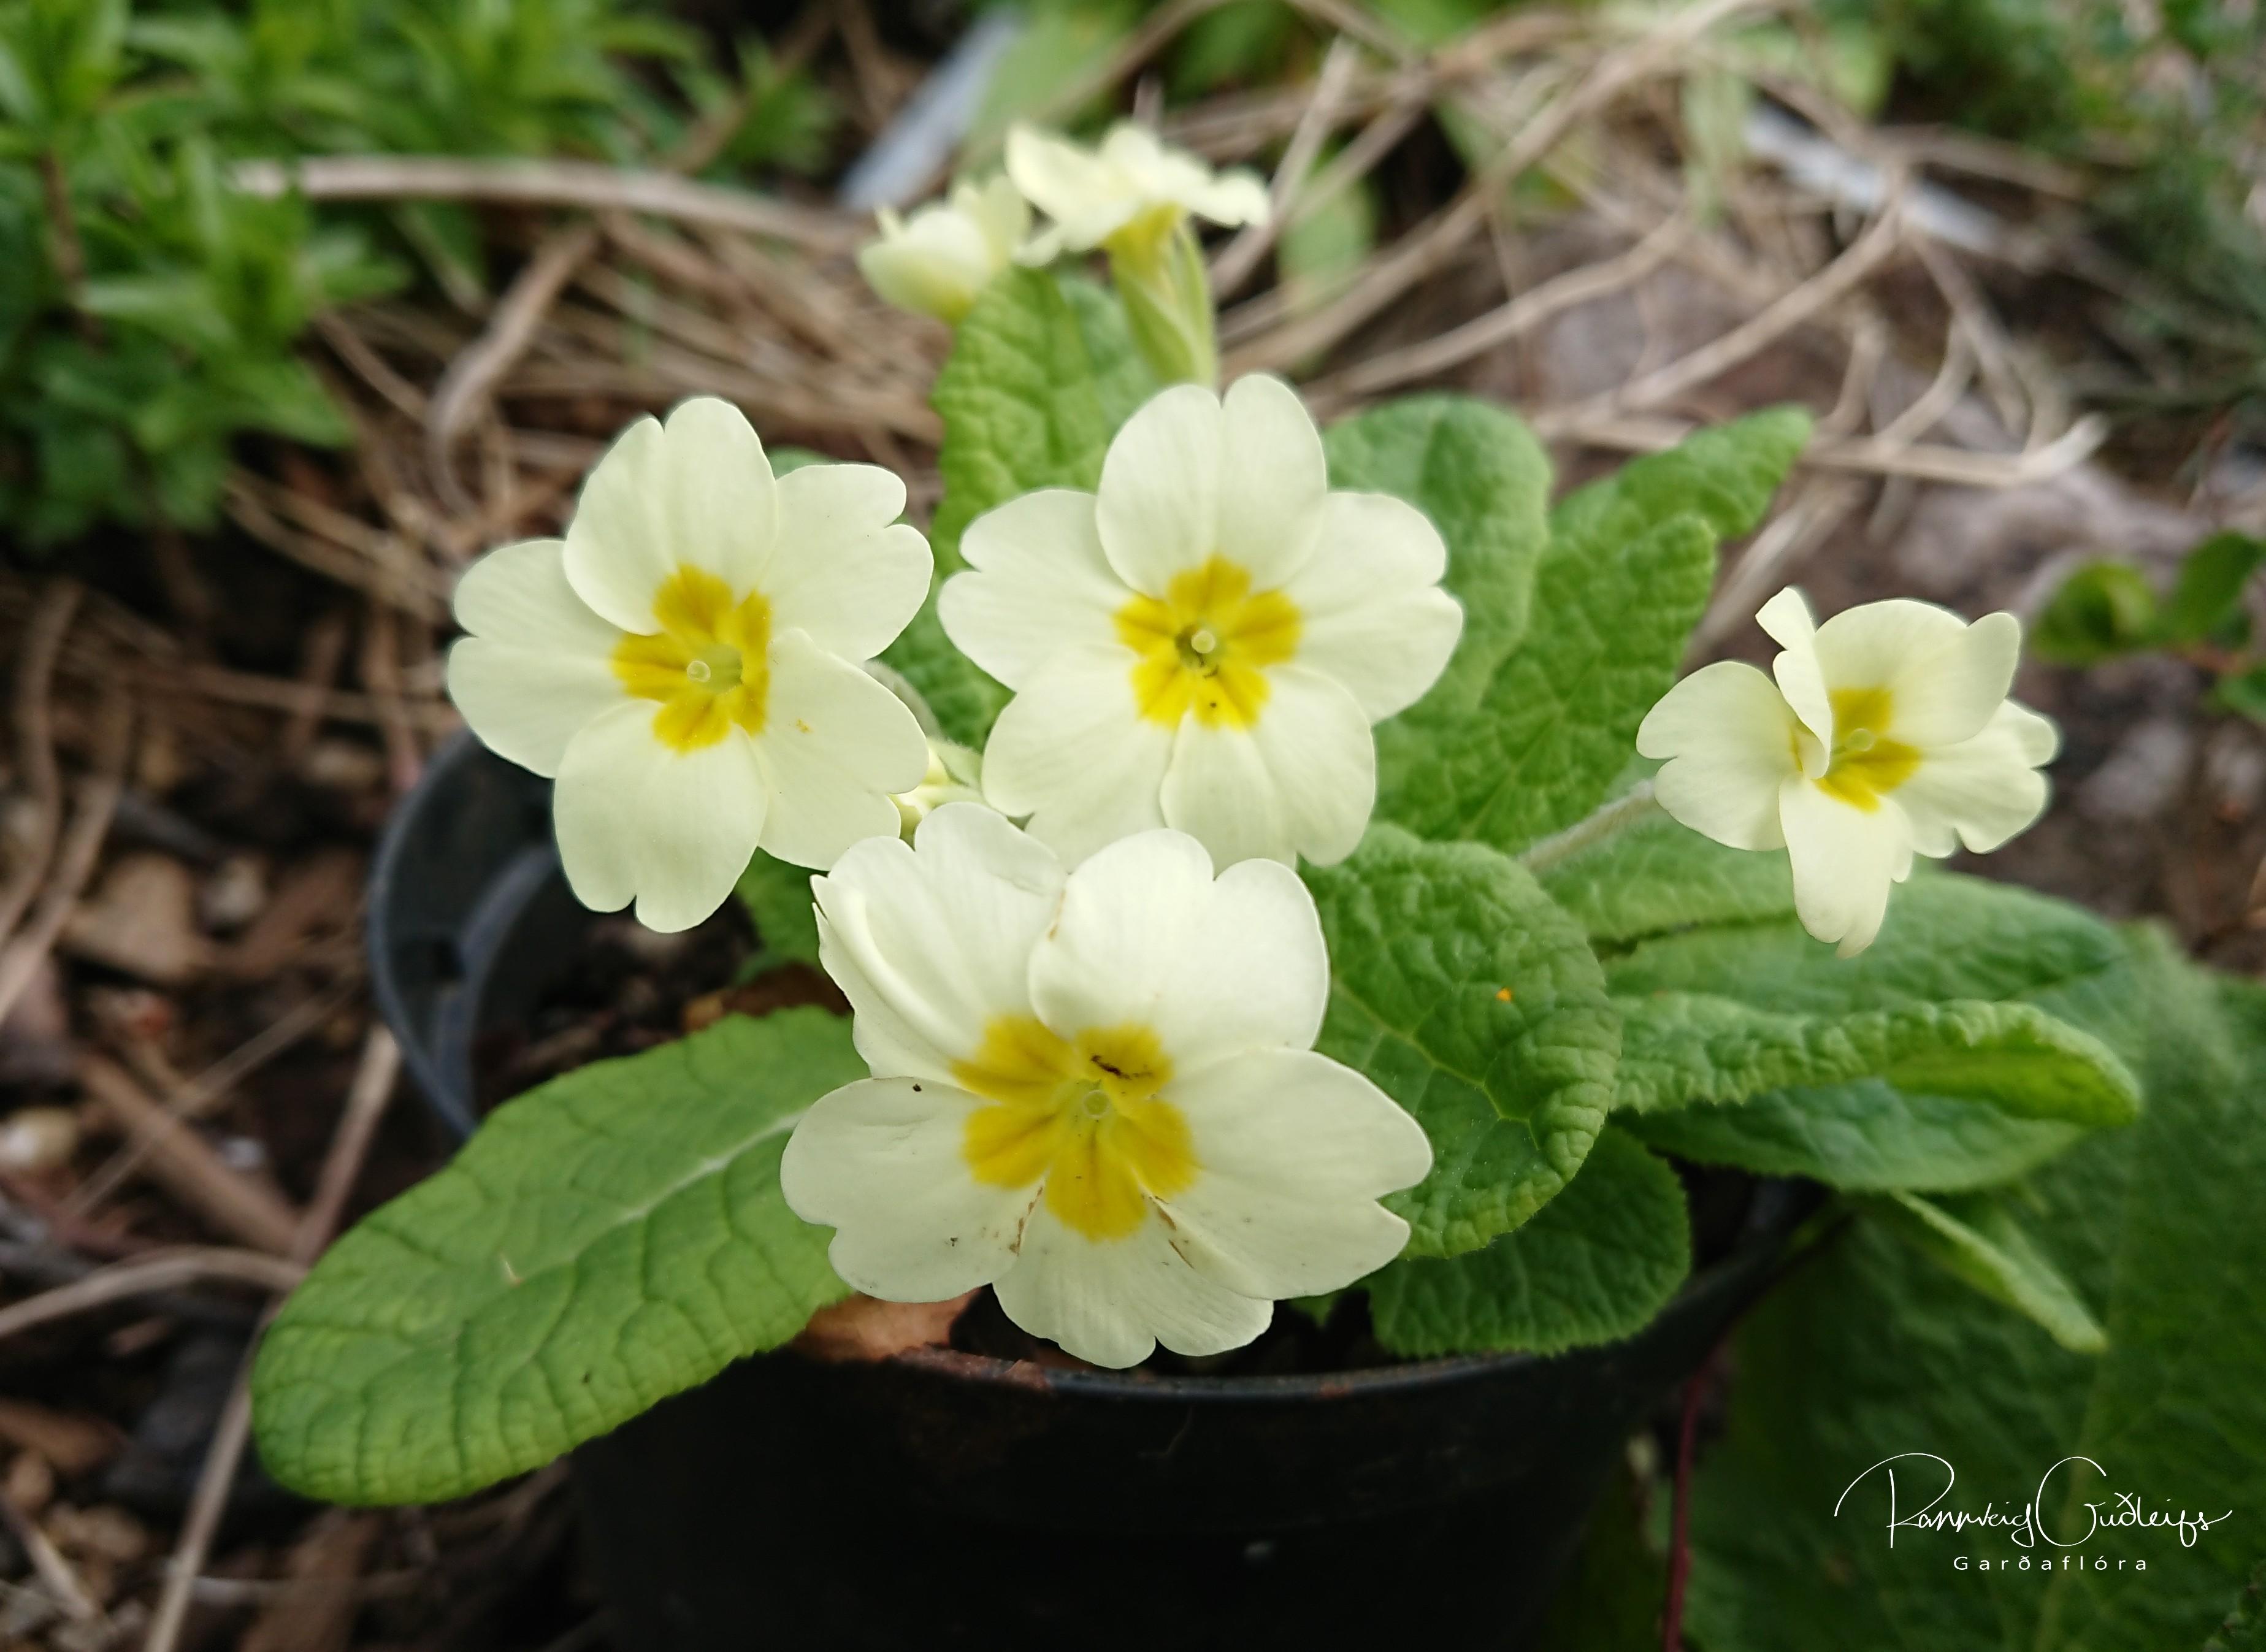 Primula vulgaris